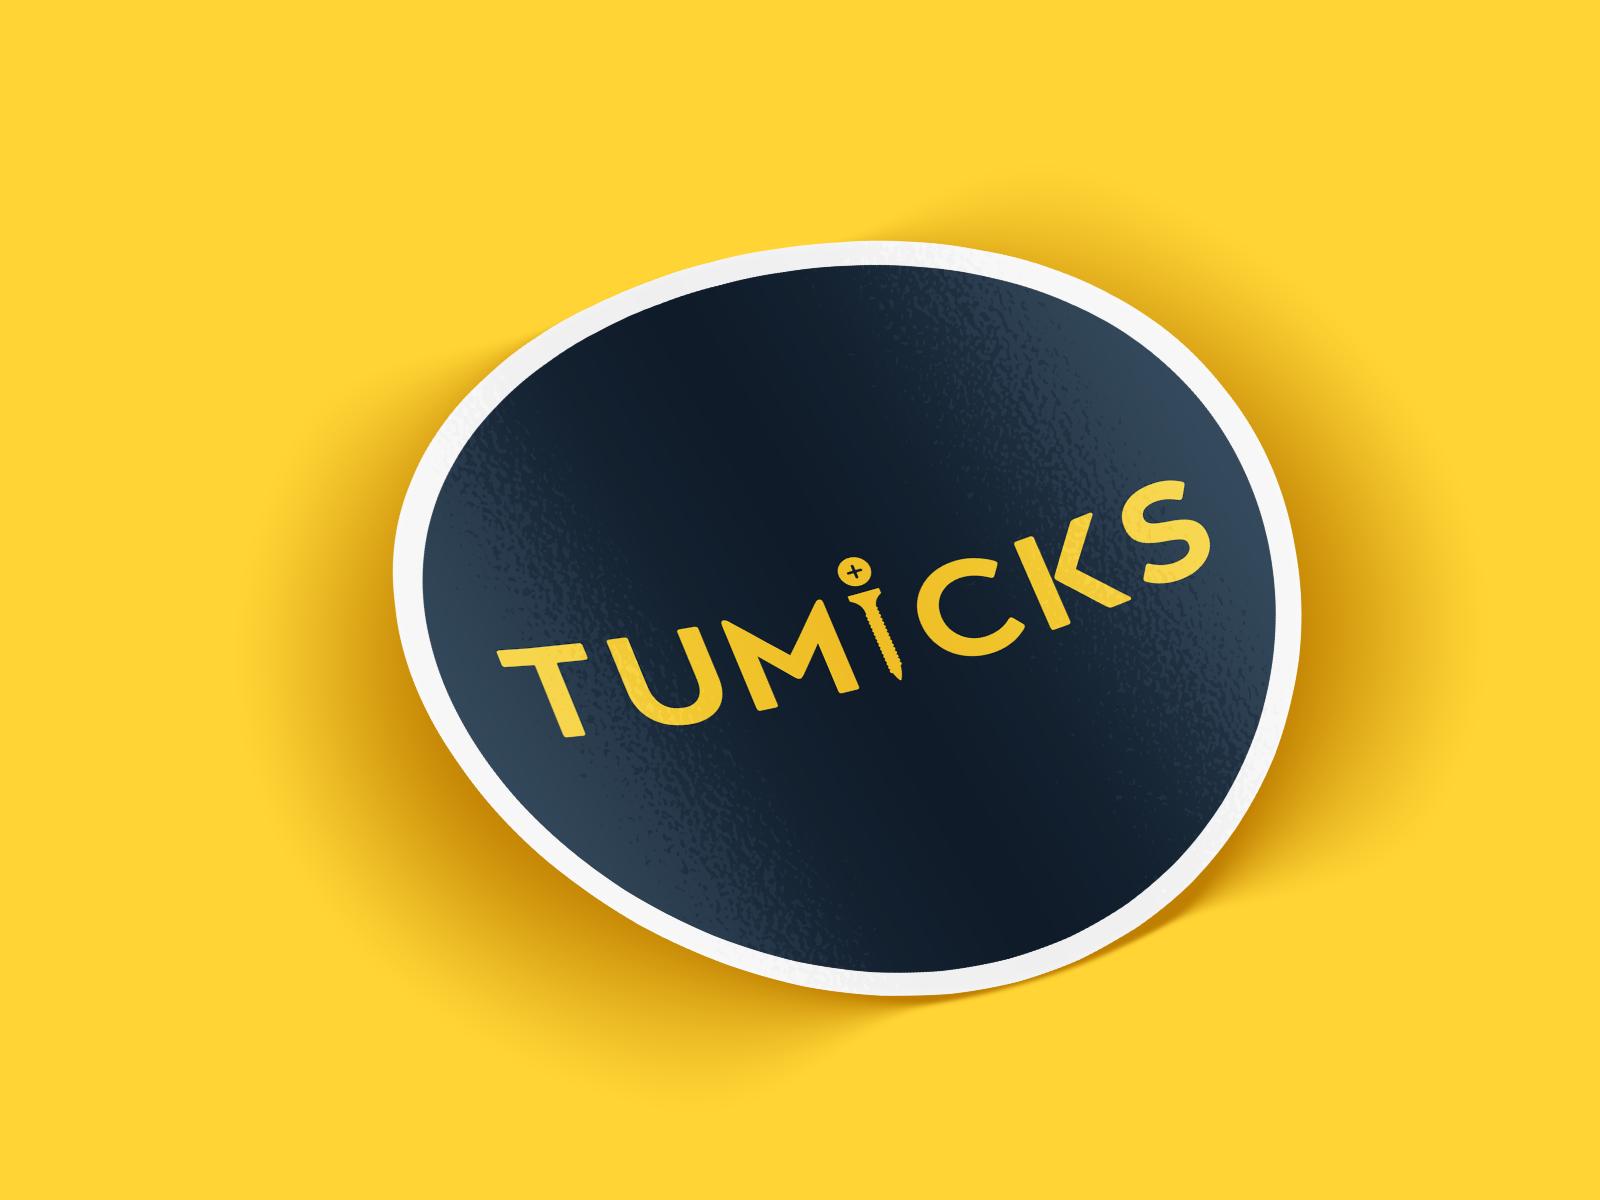 Tumicks